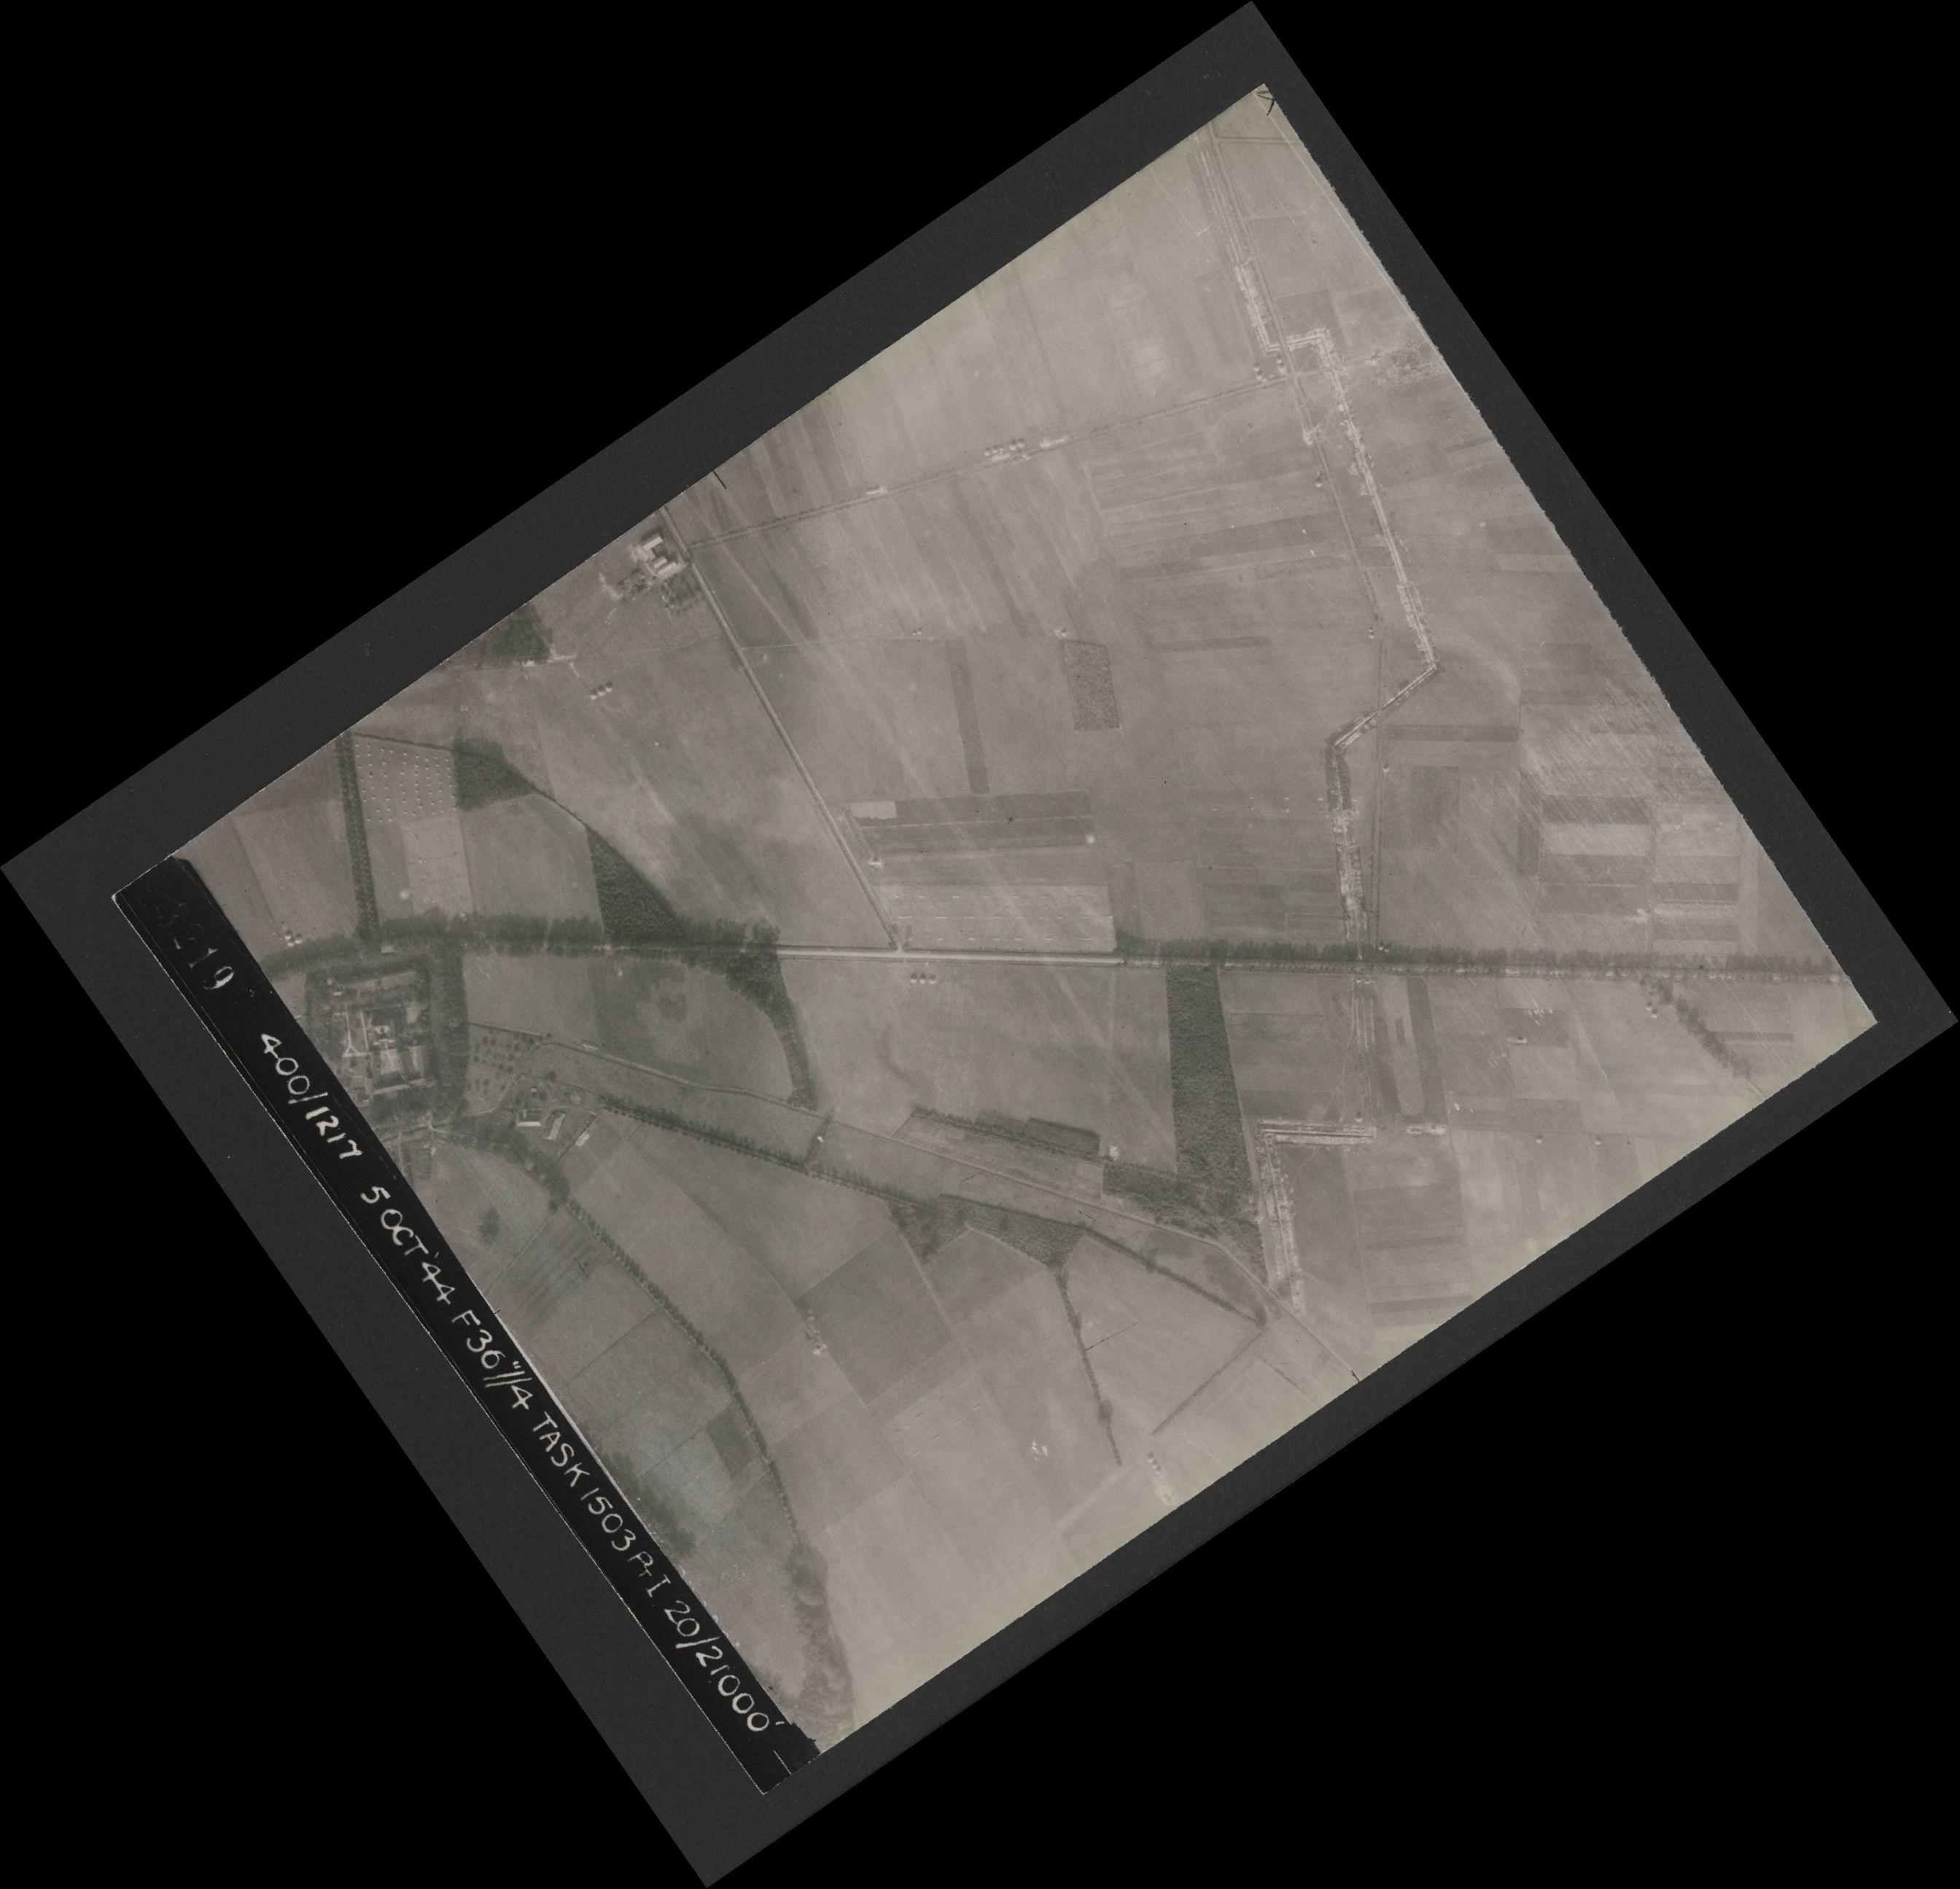 Collection RAF aerial photos 1940-1945 - flight 316, run 08, photo 3219